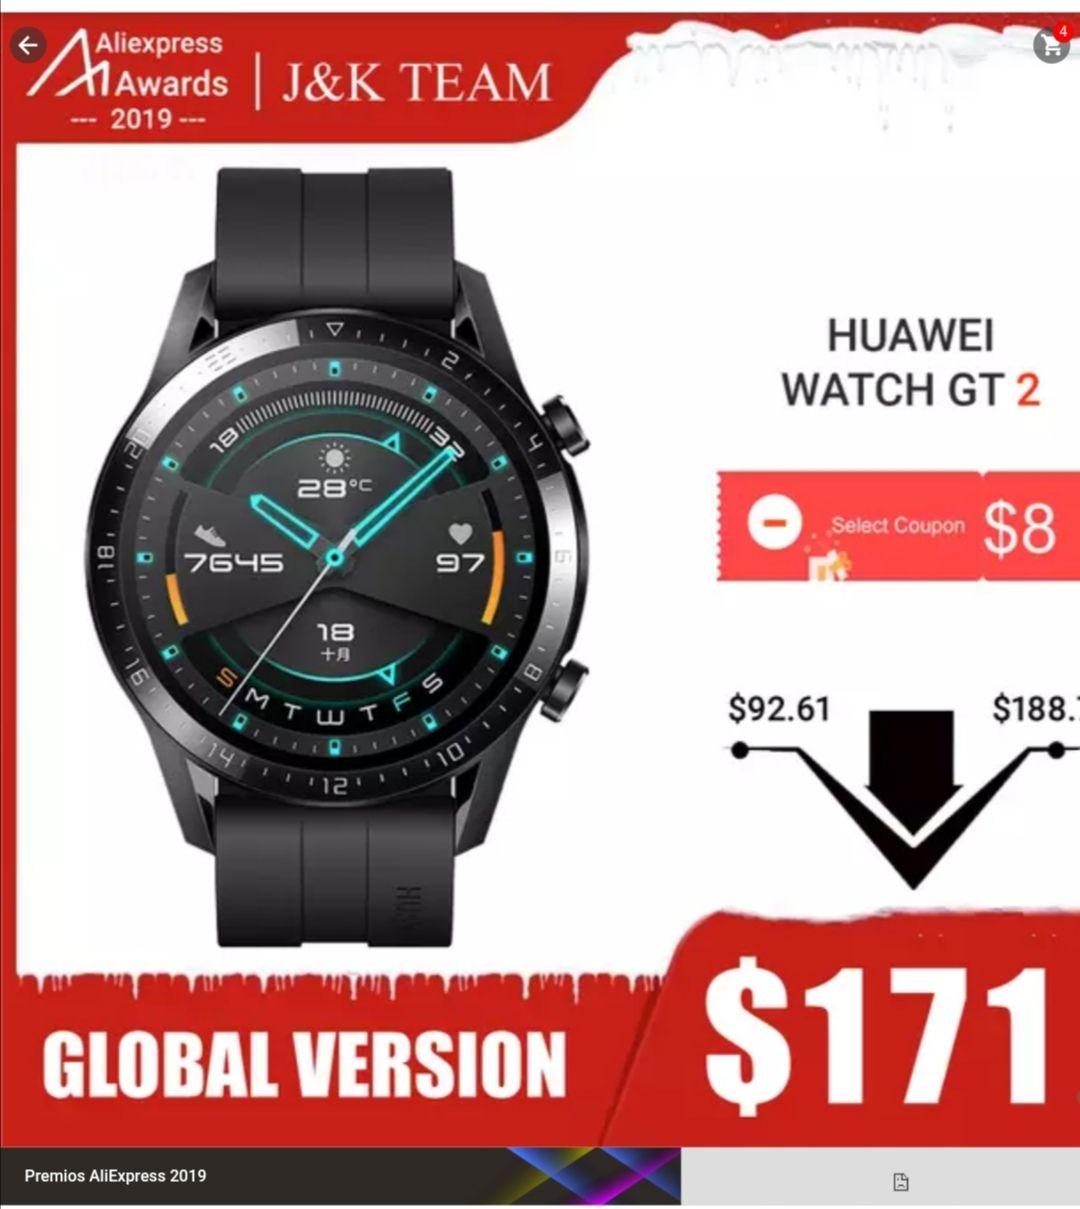 Aliexpress: Huawei gt2